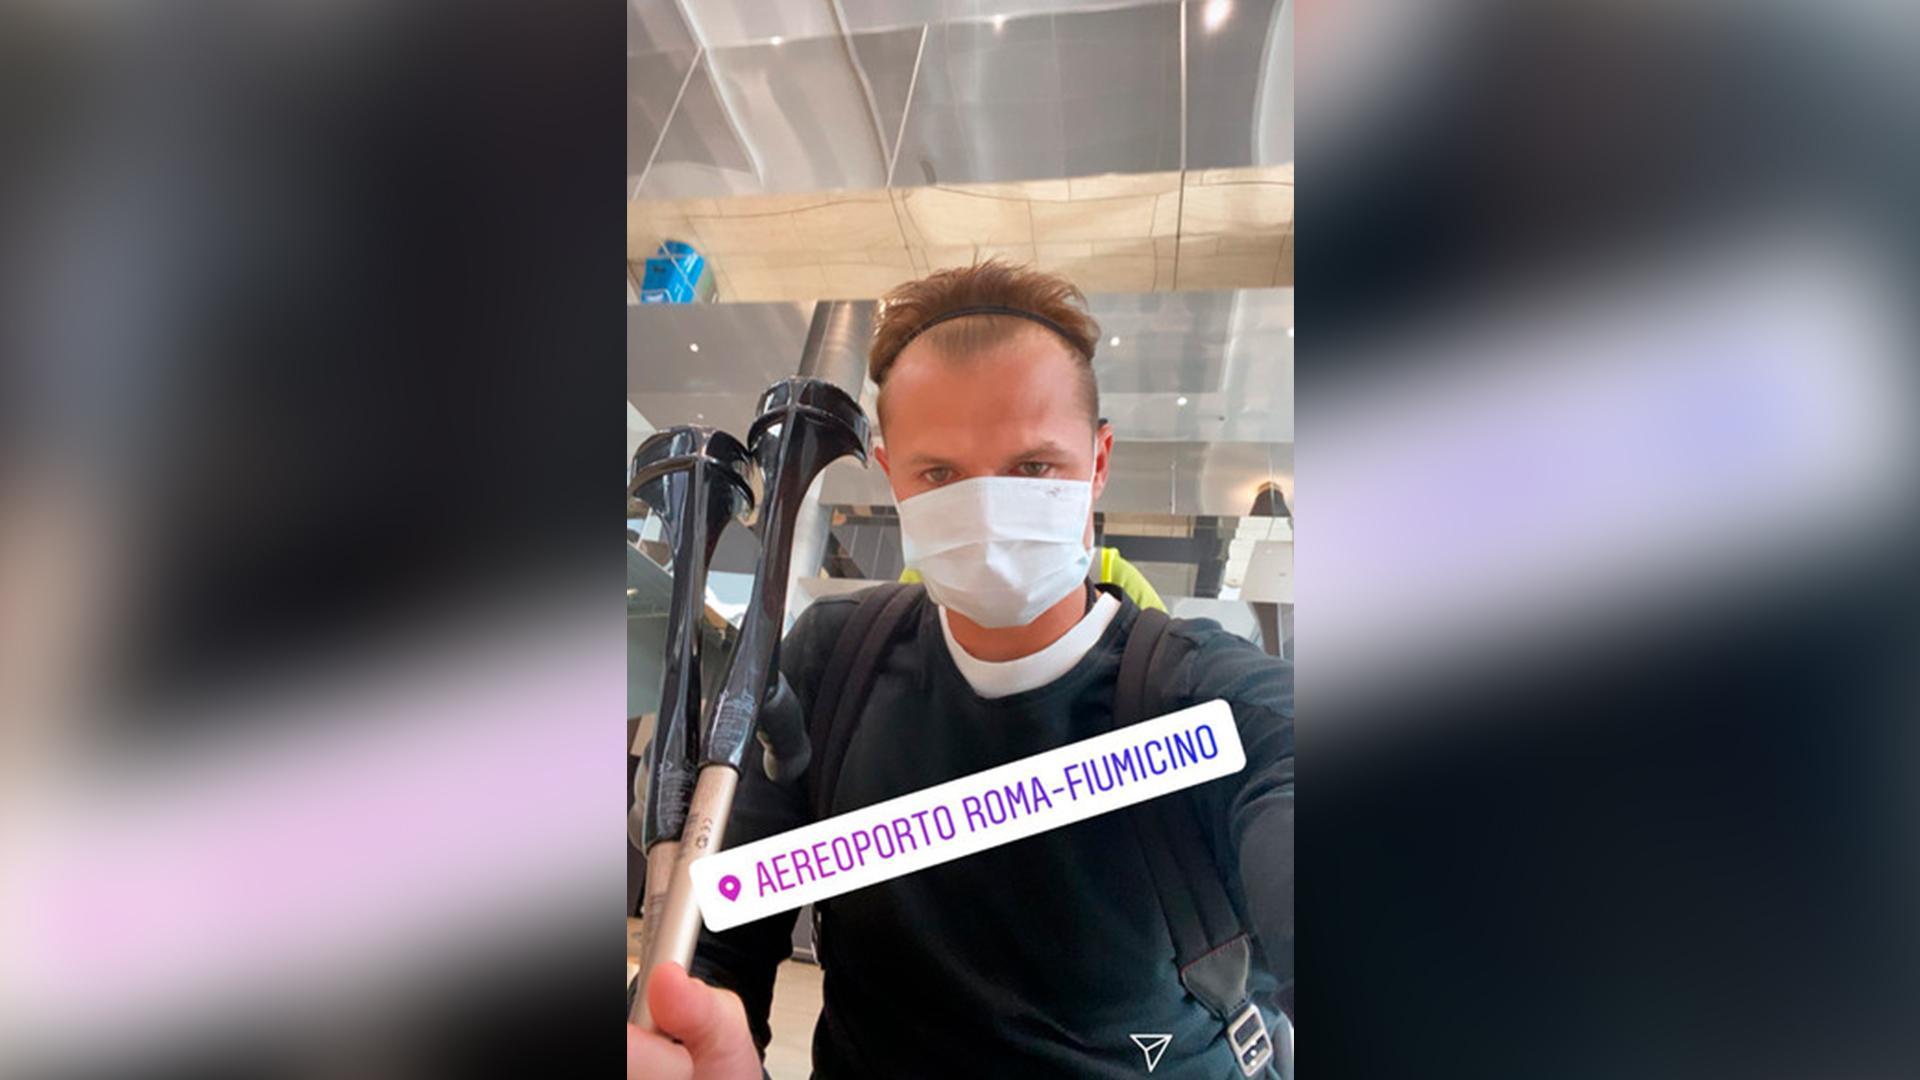 Тарасов на фоне эпидемии коронавируса в Италии улетел туда лечиться